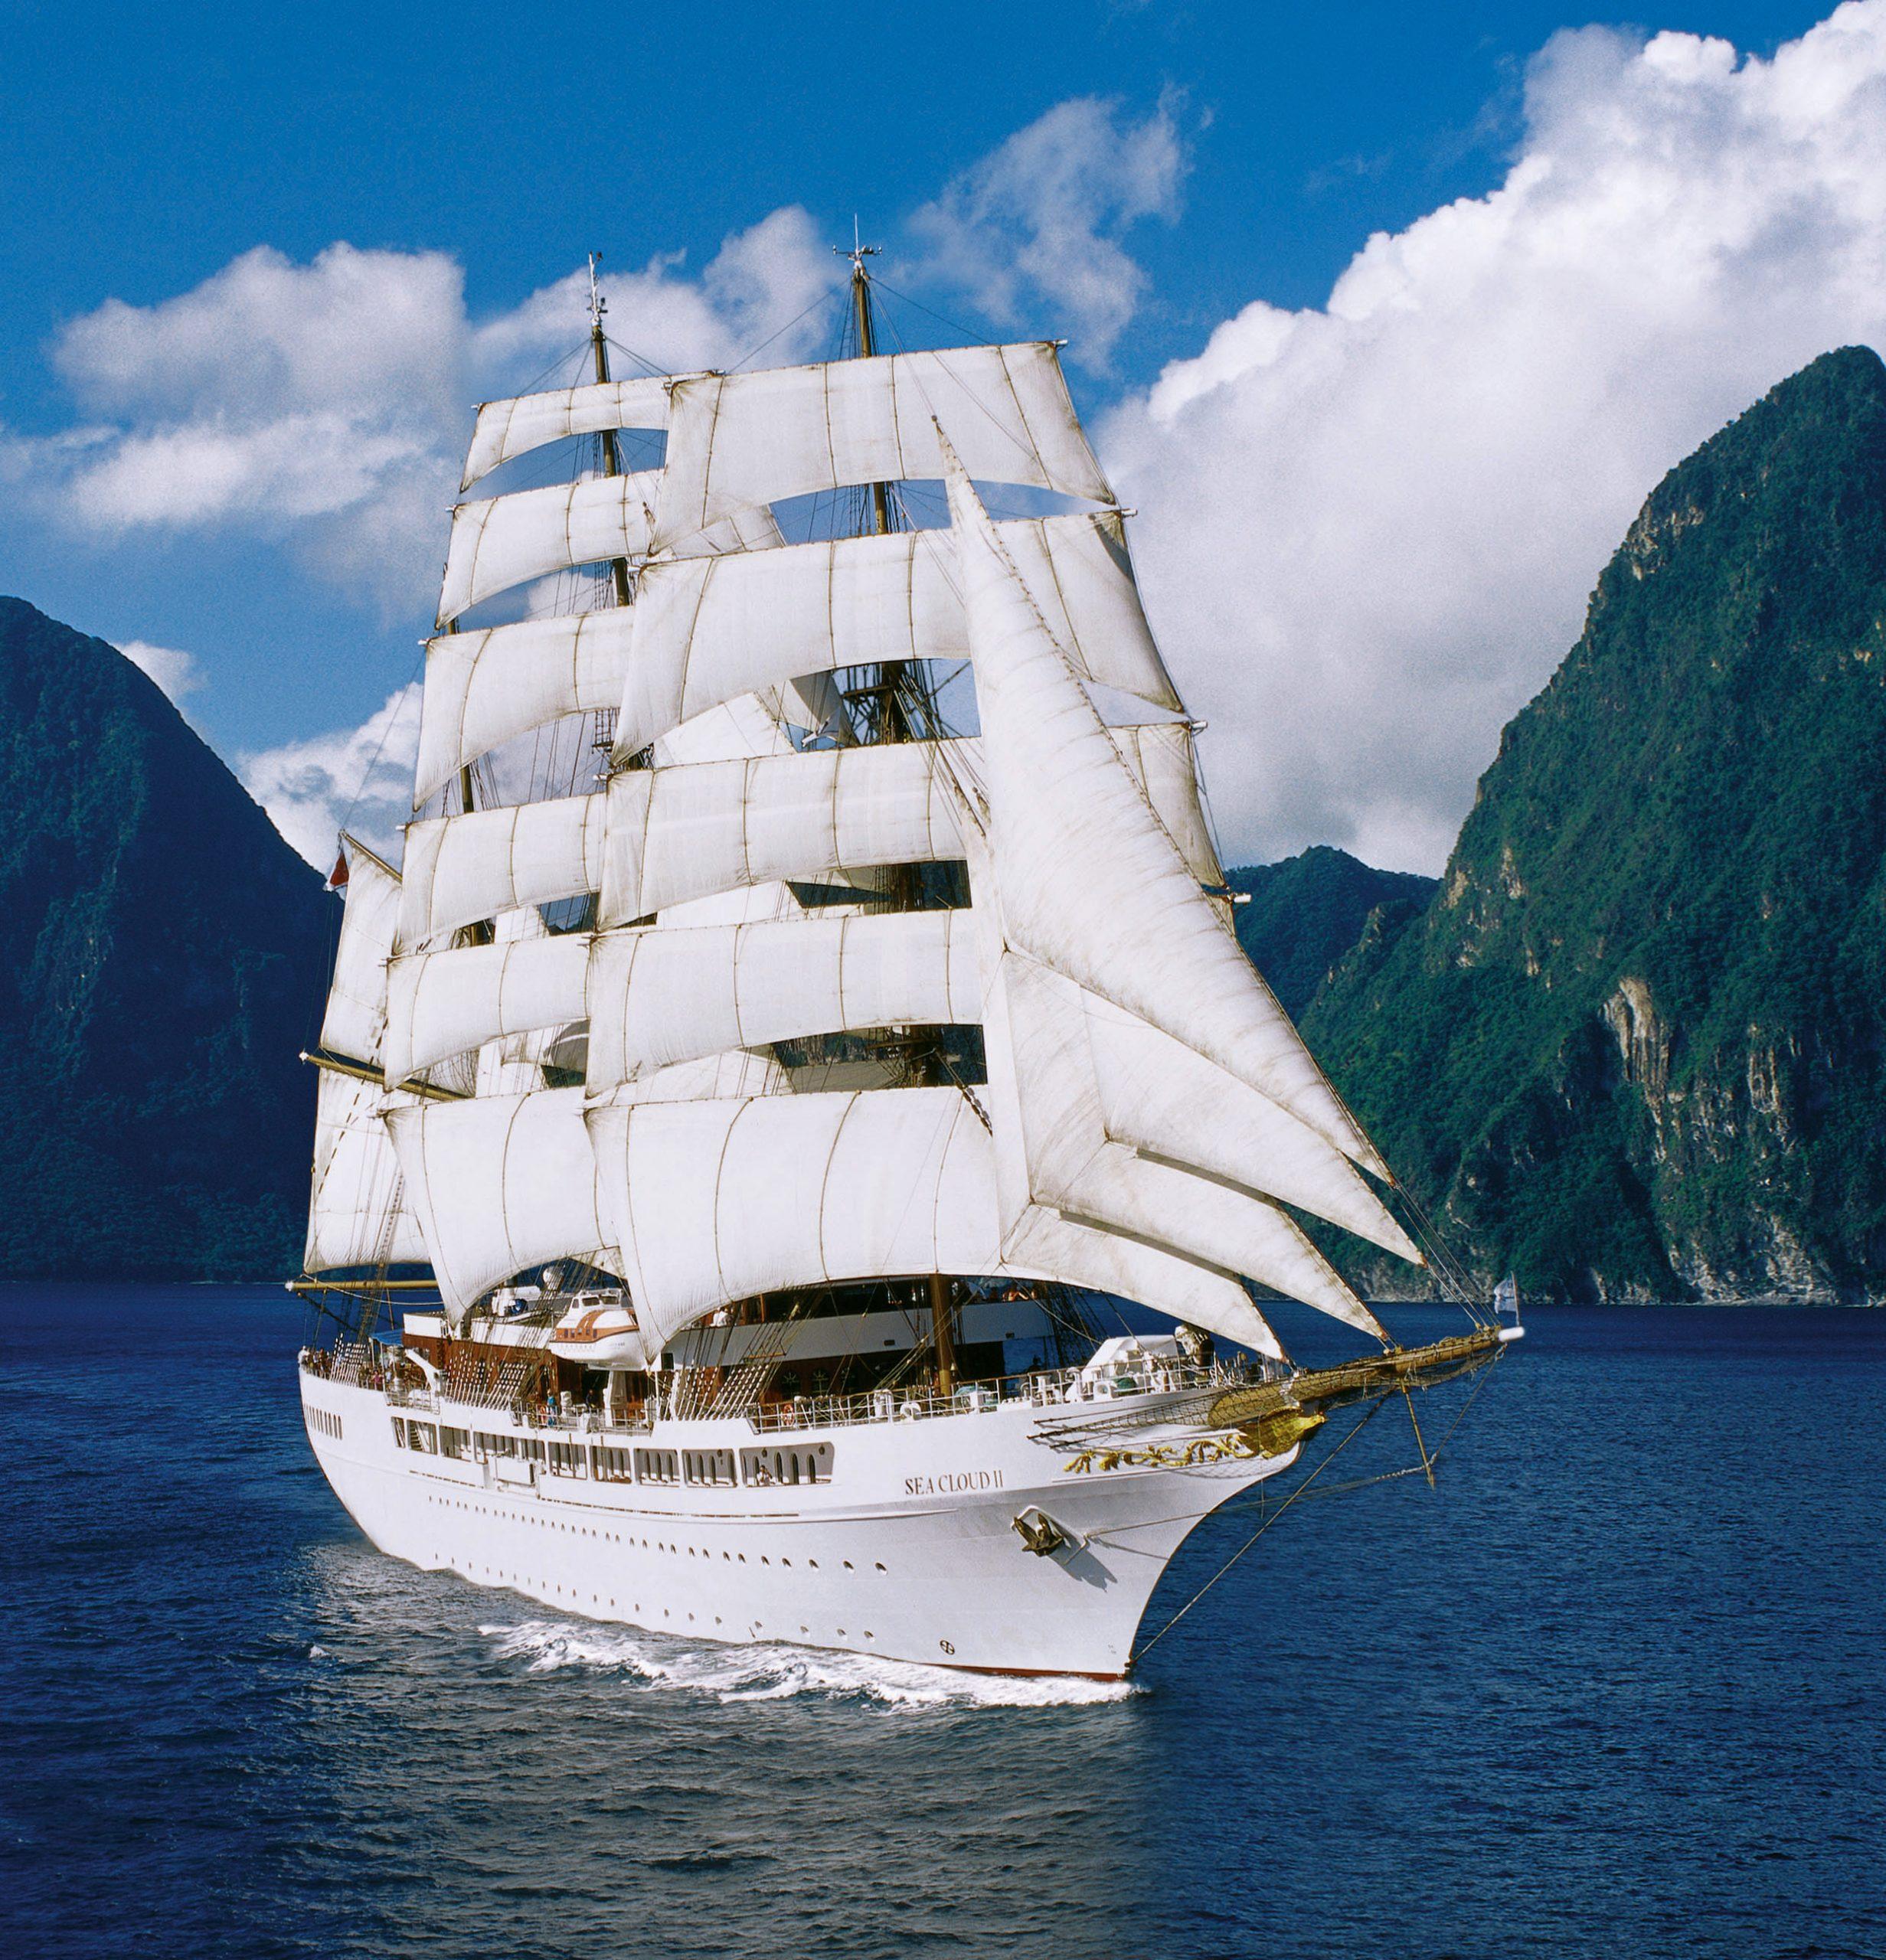 Sea Cloud Cruises sagt alle Reisen der bevorstehenden Wintersaison ab. Es bleibt aber bei der Indienststellung der neuen Sea Cloud Spirit im nächsten Frühjahr.